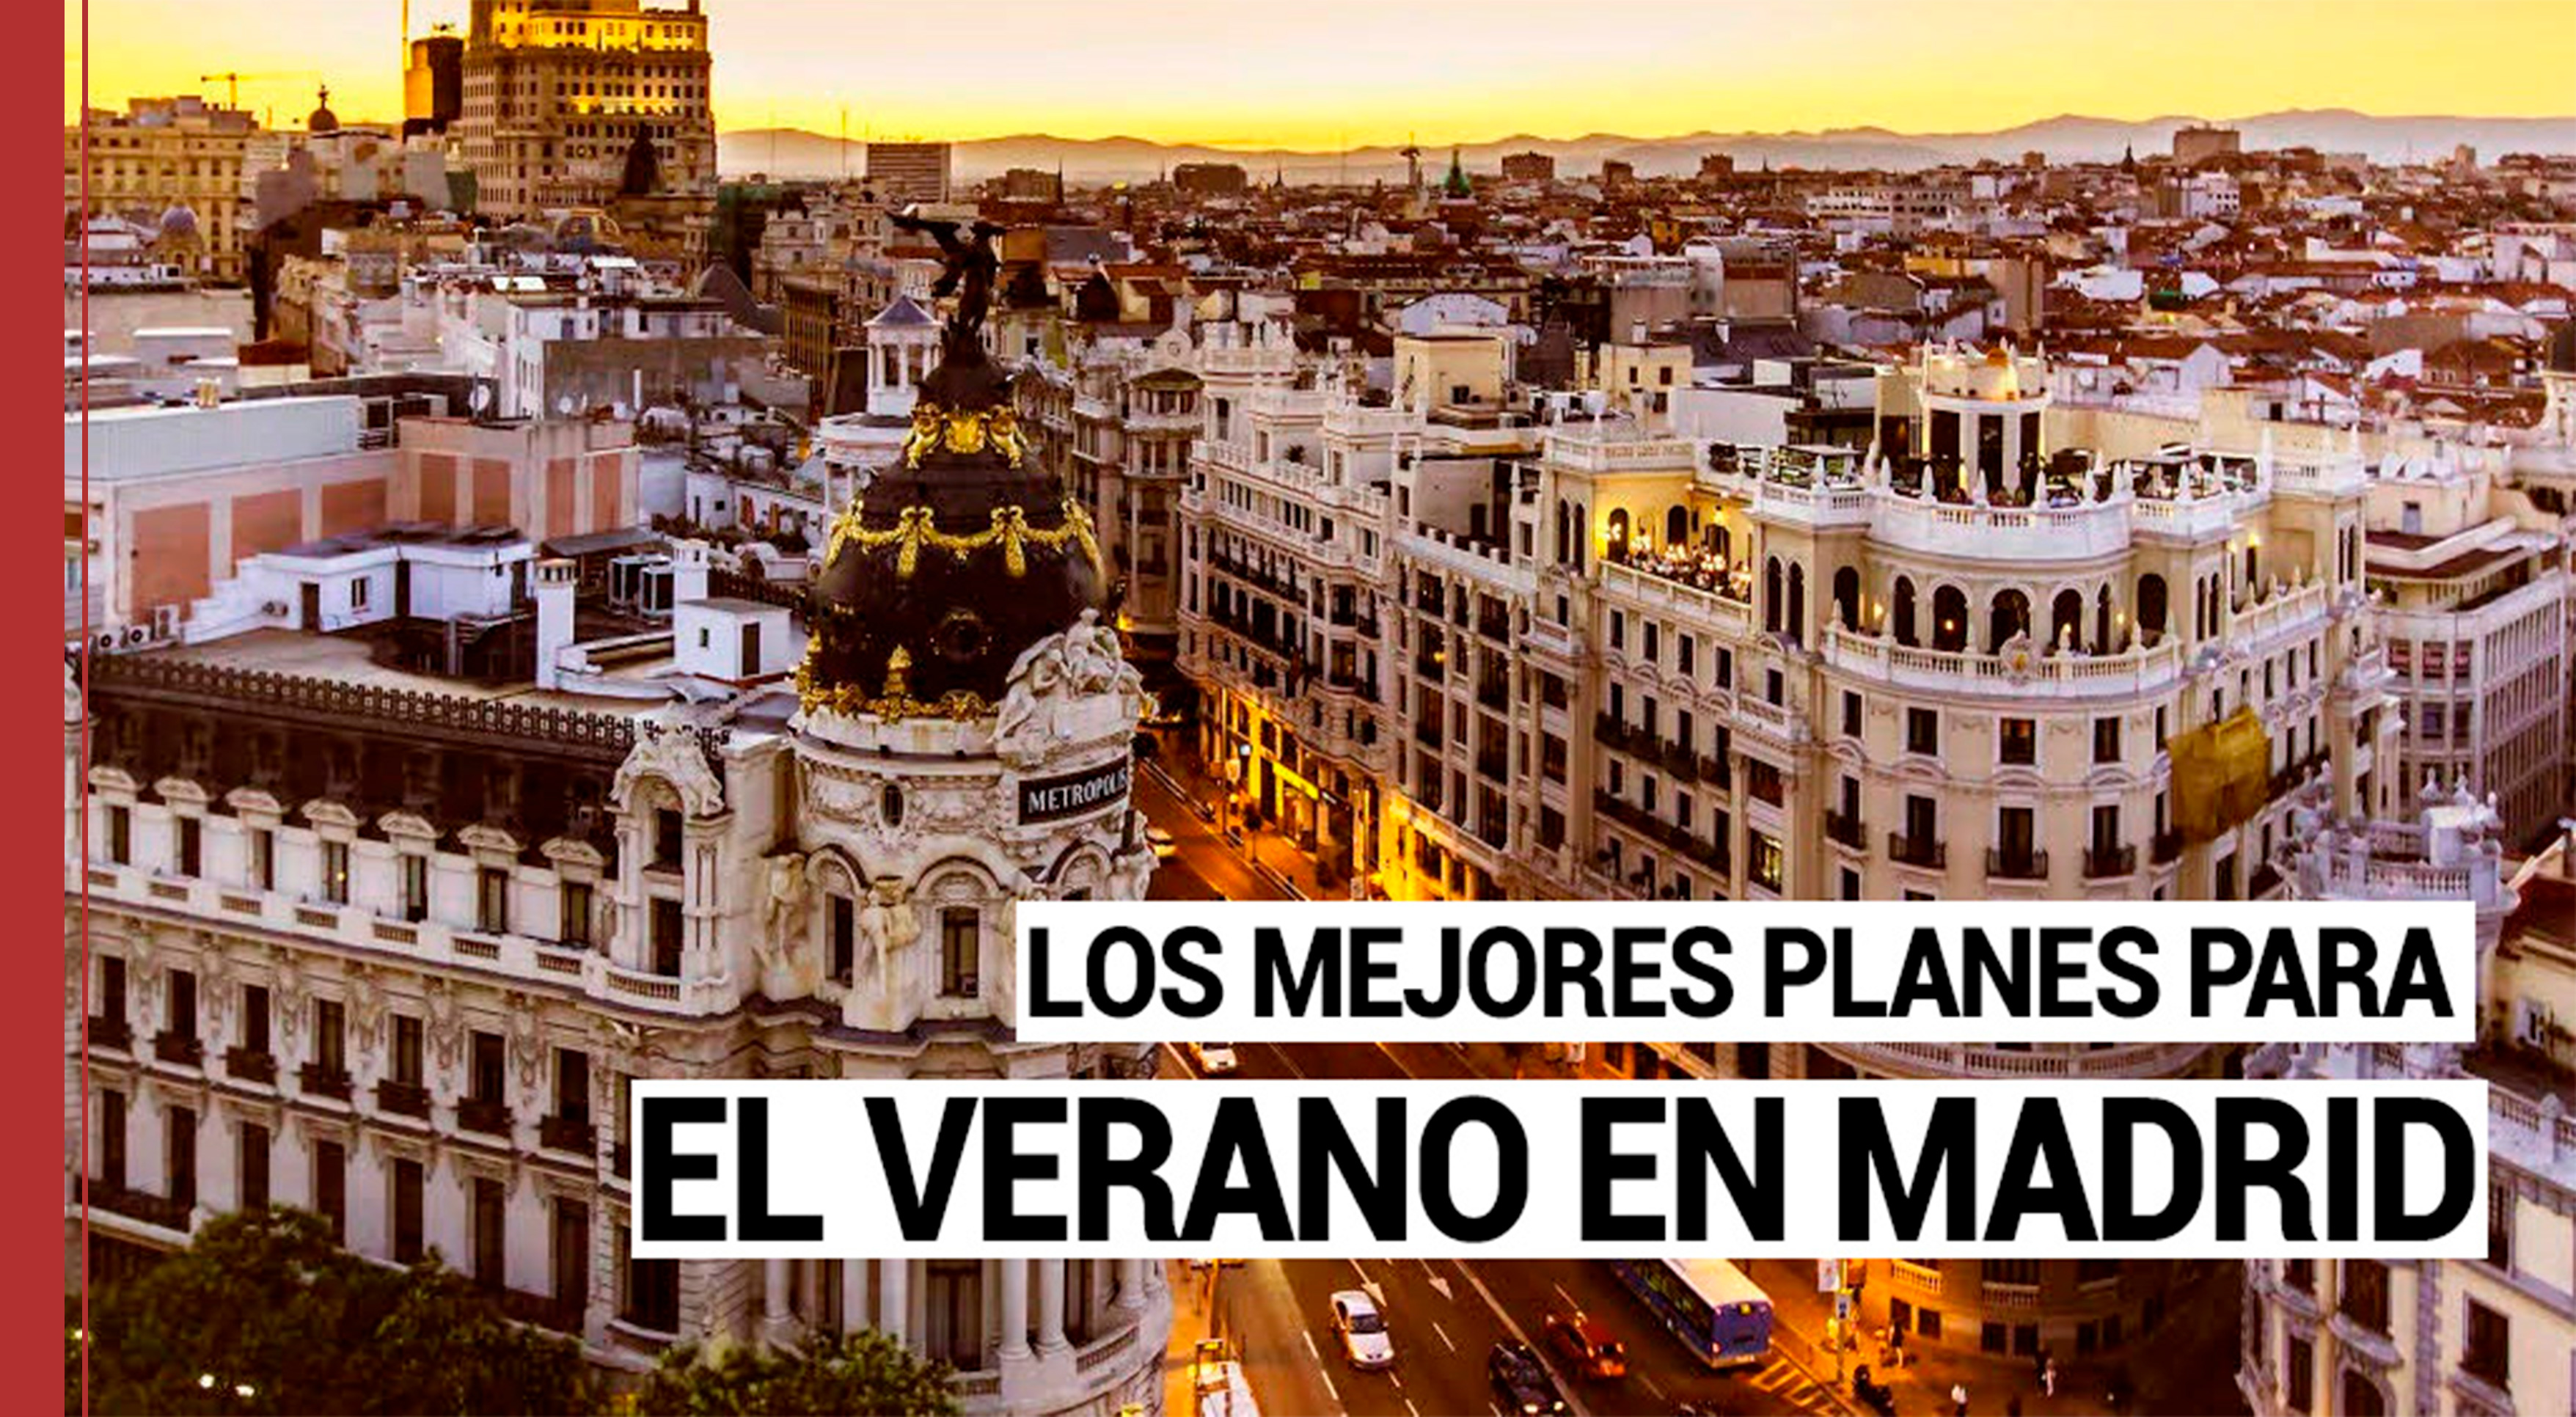 mejores-planes-verano-en-madrid Los mejores planes para el verano en Madrid